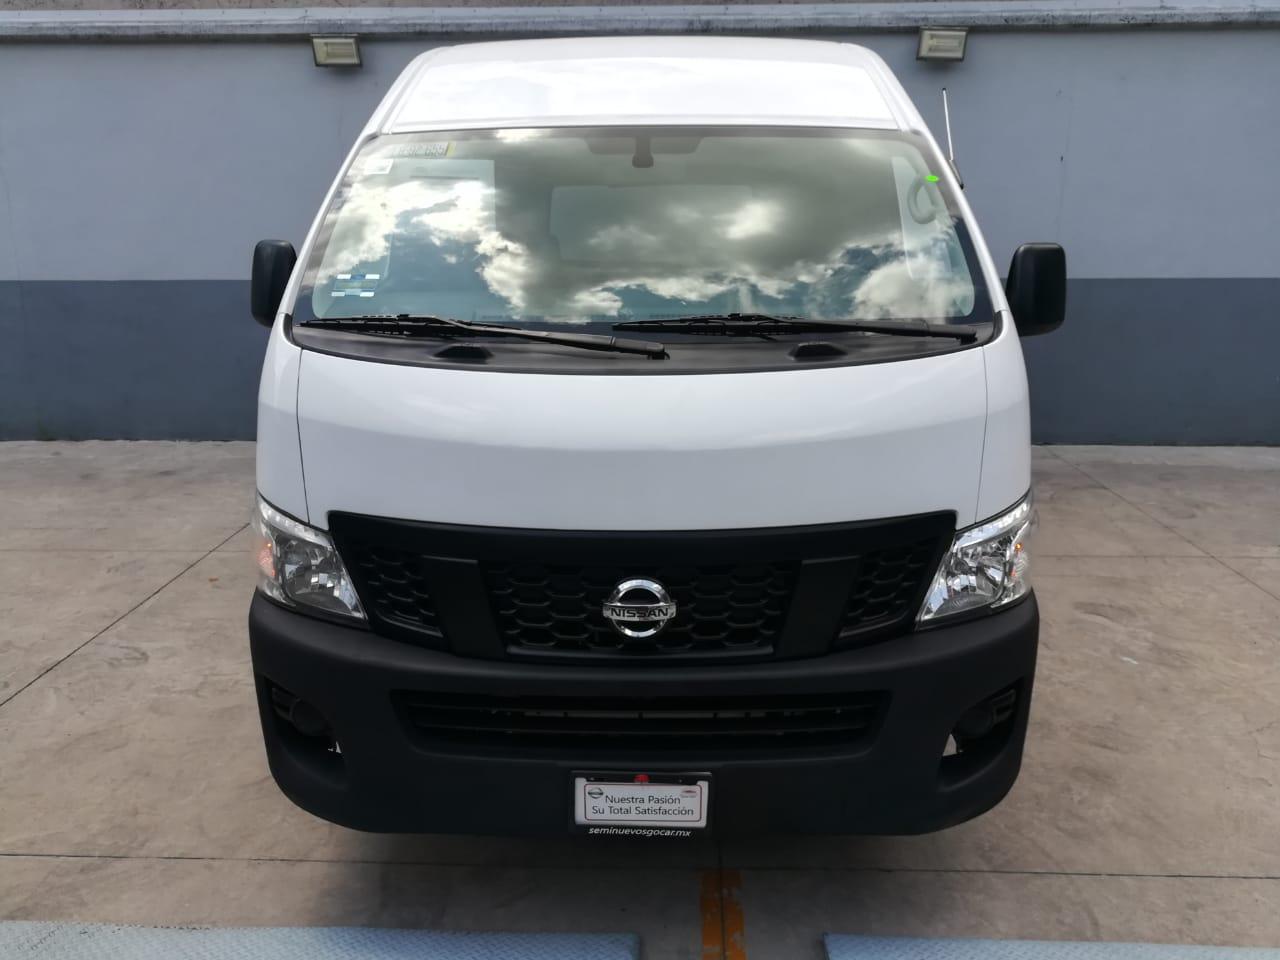 Nissan Urvan NV350 URVAN PANEL AMPLIA A/A T/M - GocarCredit